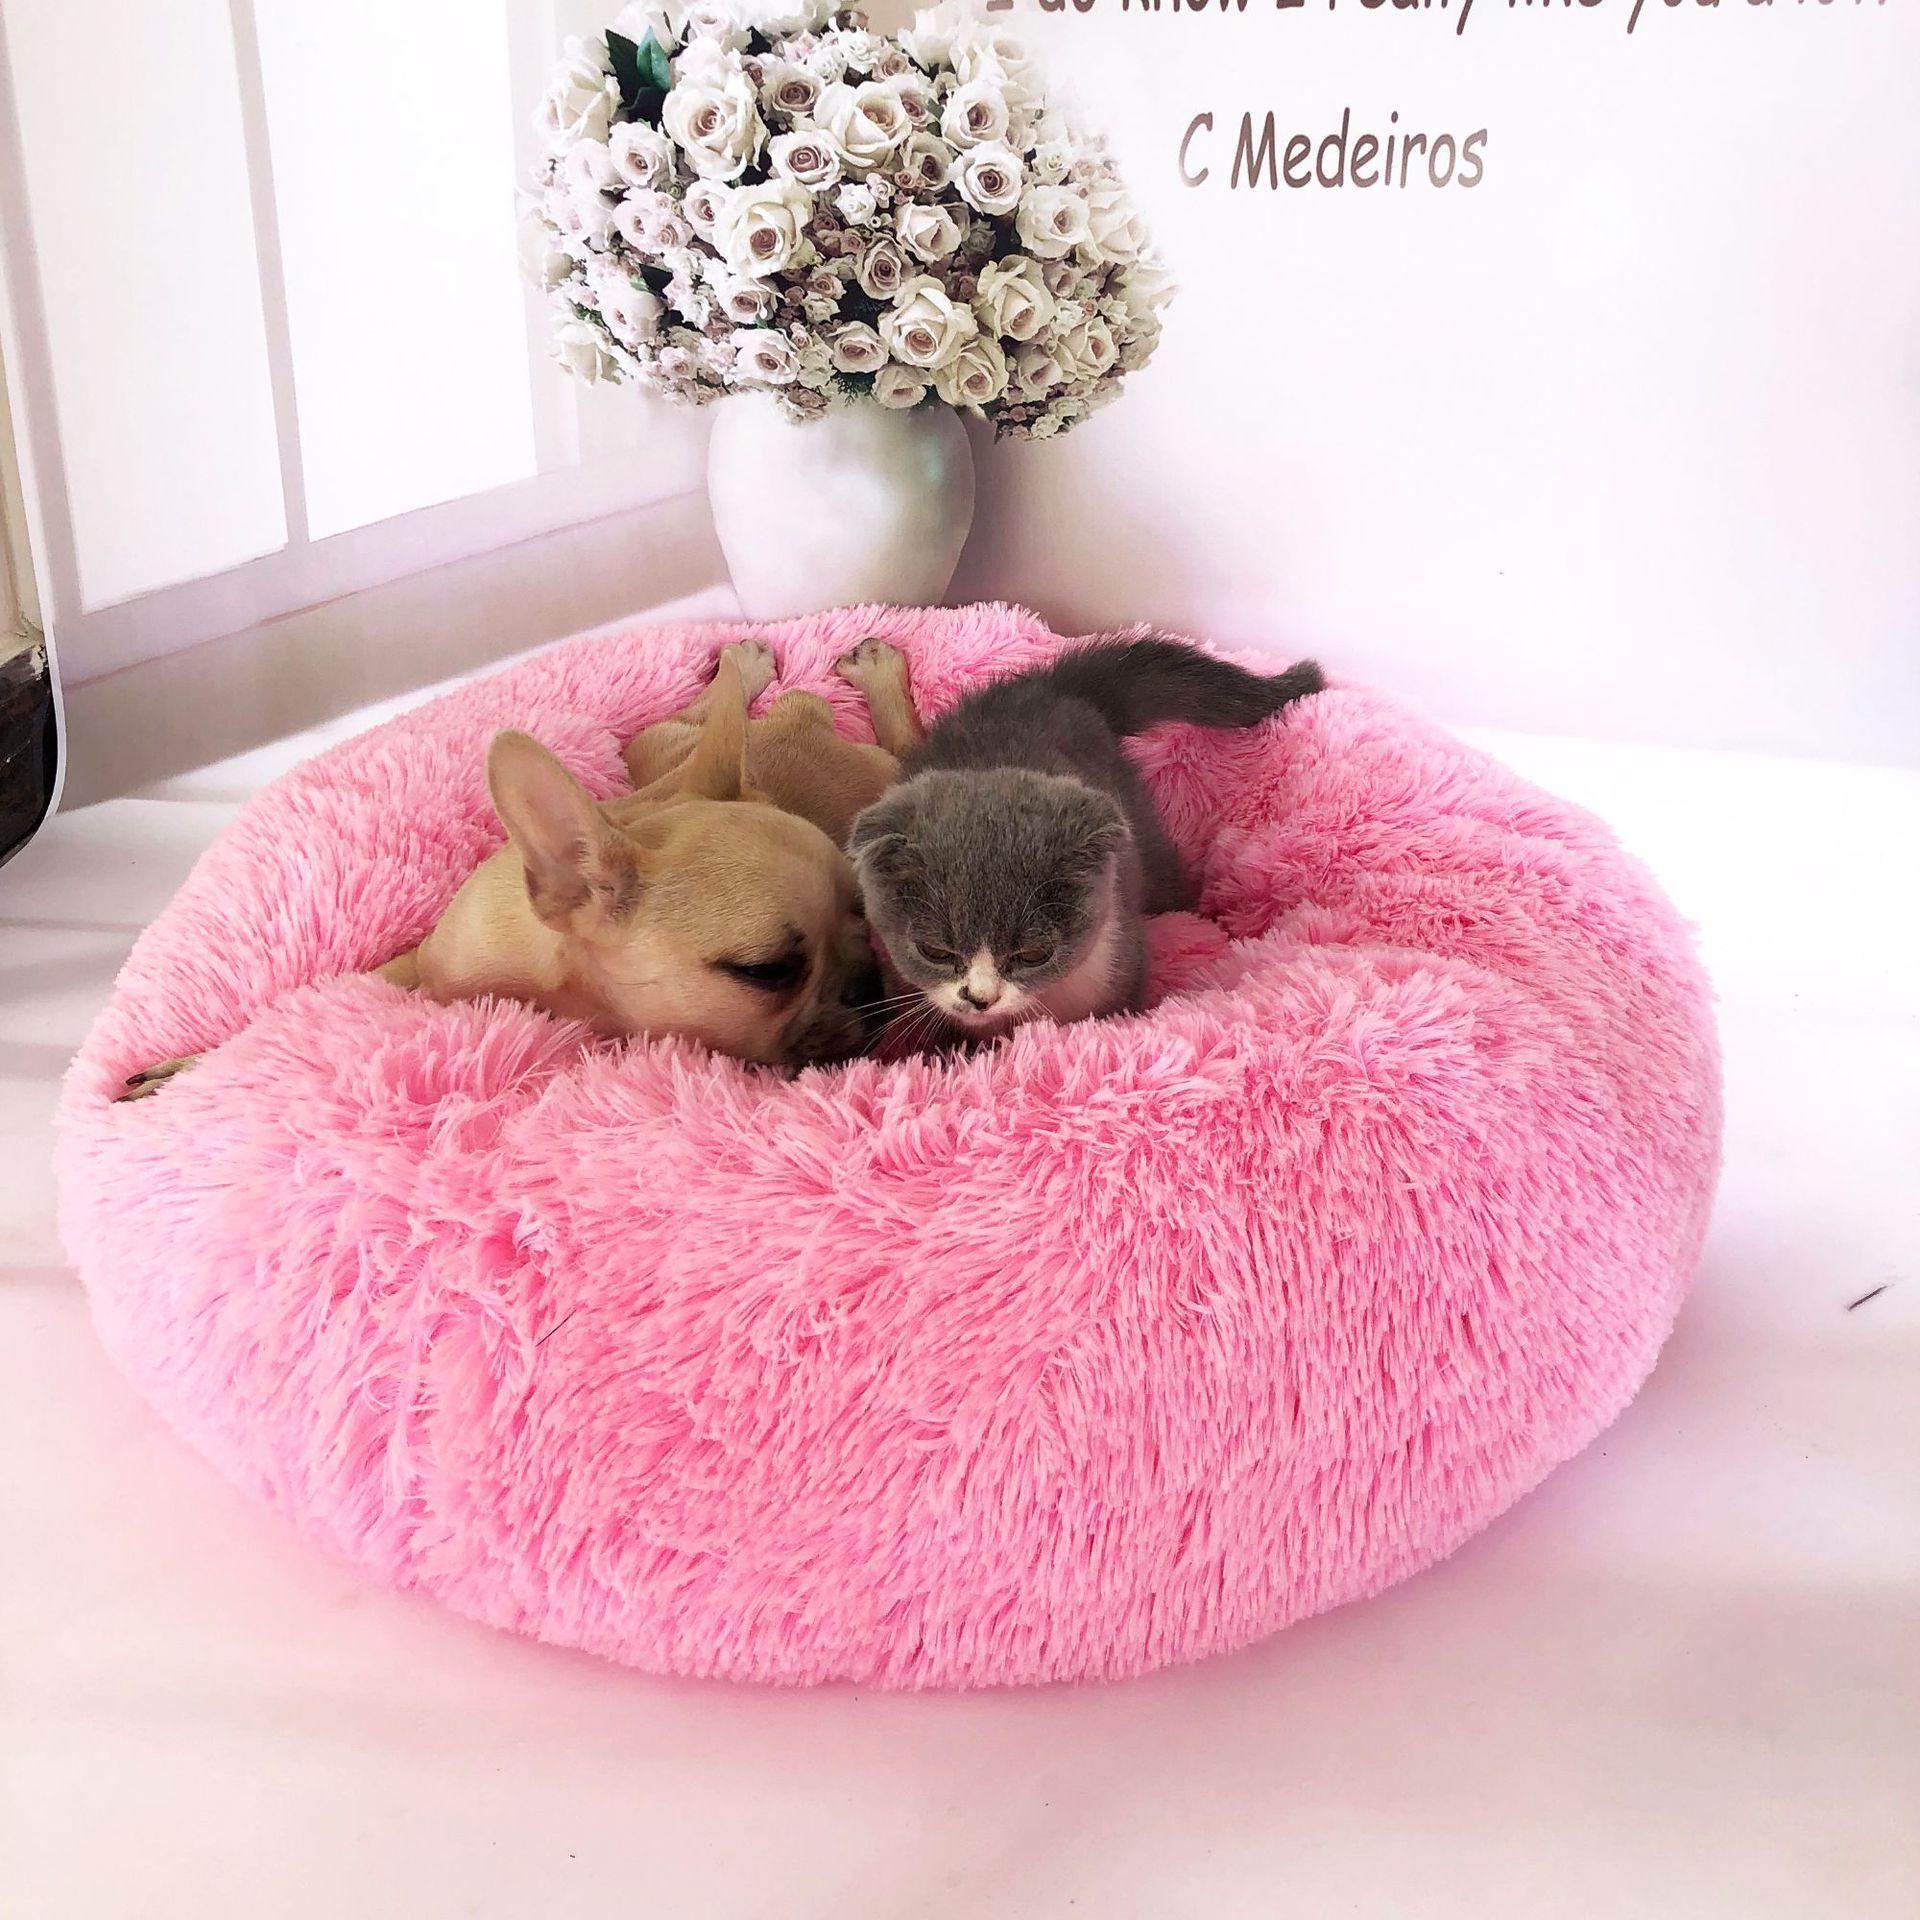 3969ffae6f92 Compre Nido De Perro Nido De Gato Redondo Cabello Largo De Corea Del Sur  Downy Nest Colchón De Gato Para Perros Pequeños Y Medianos Camas Para  Mascotas ...